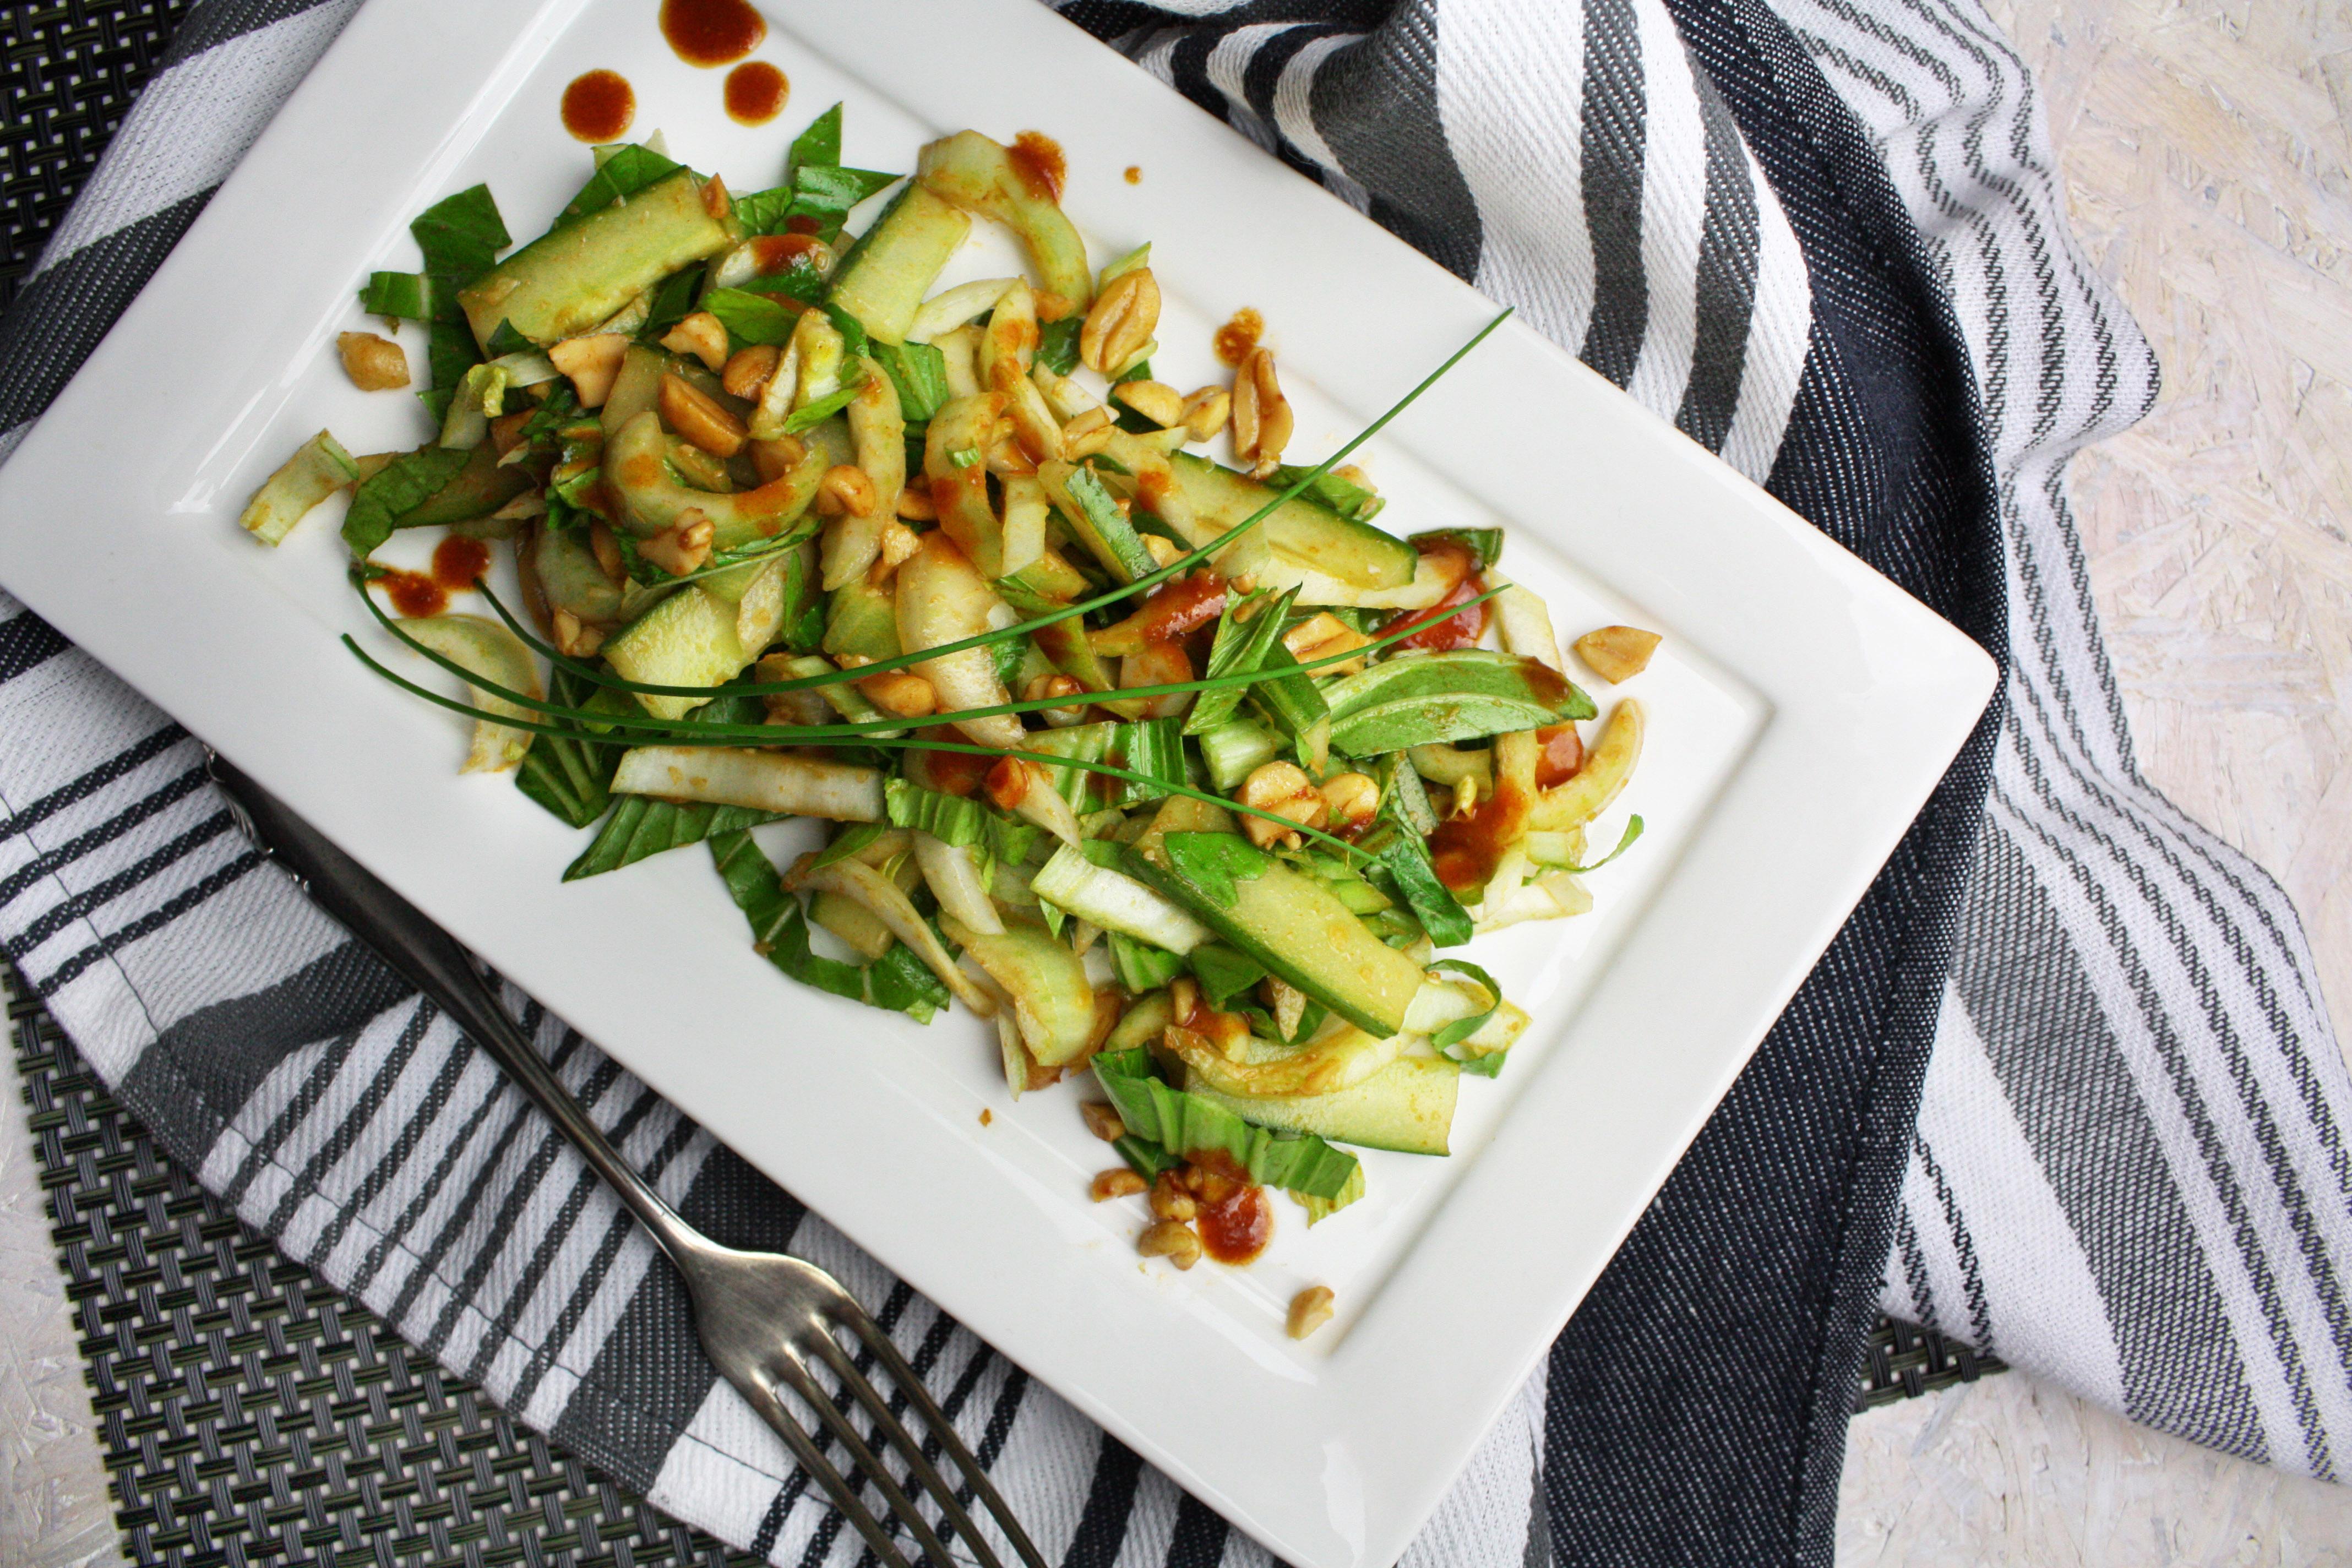 Feuriger Pak Choi-Salat mit Erdnüssen